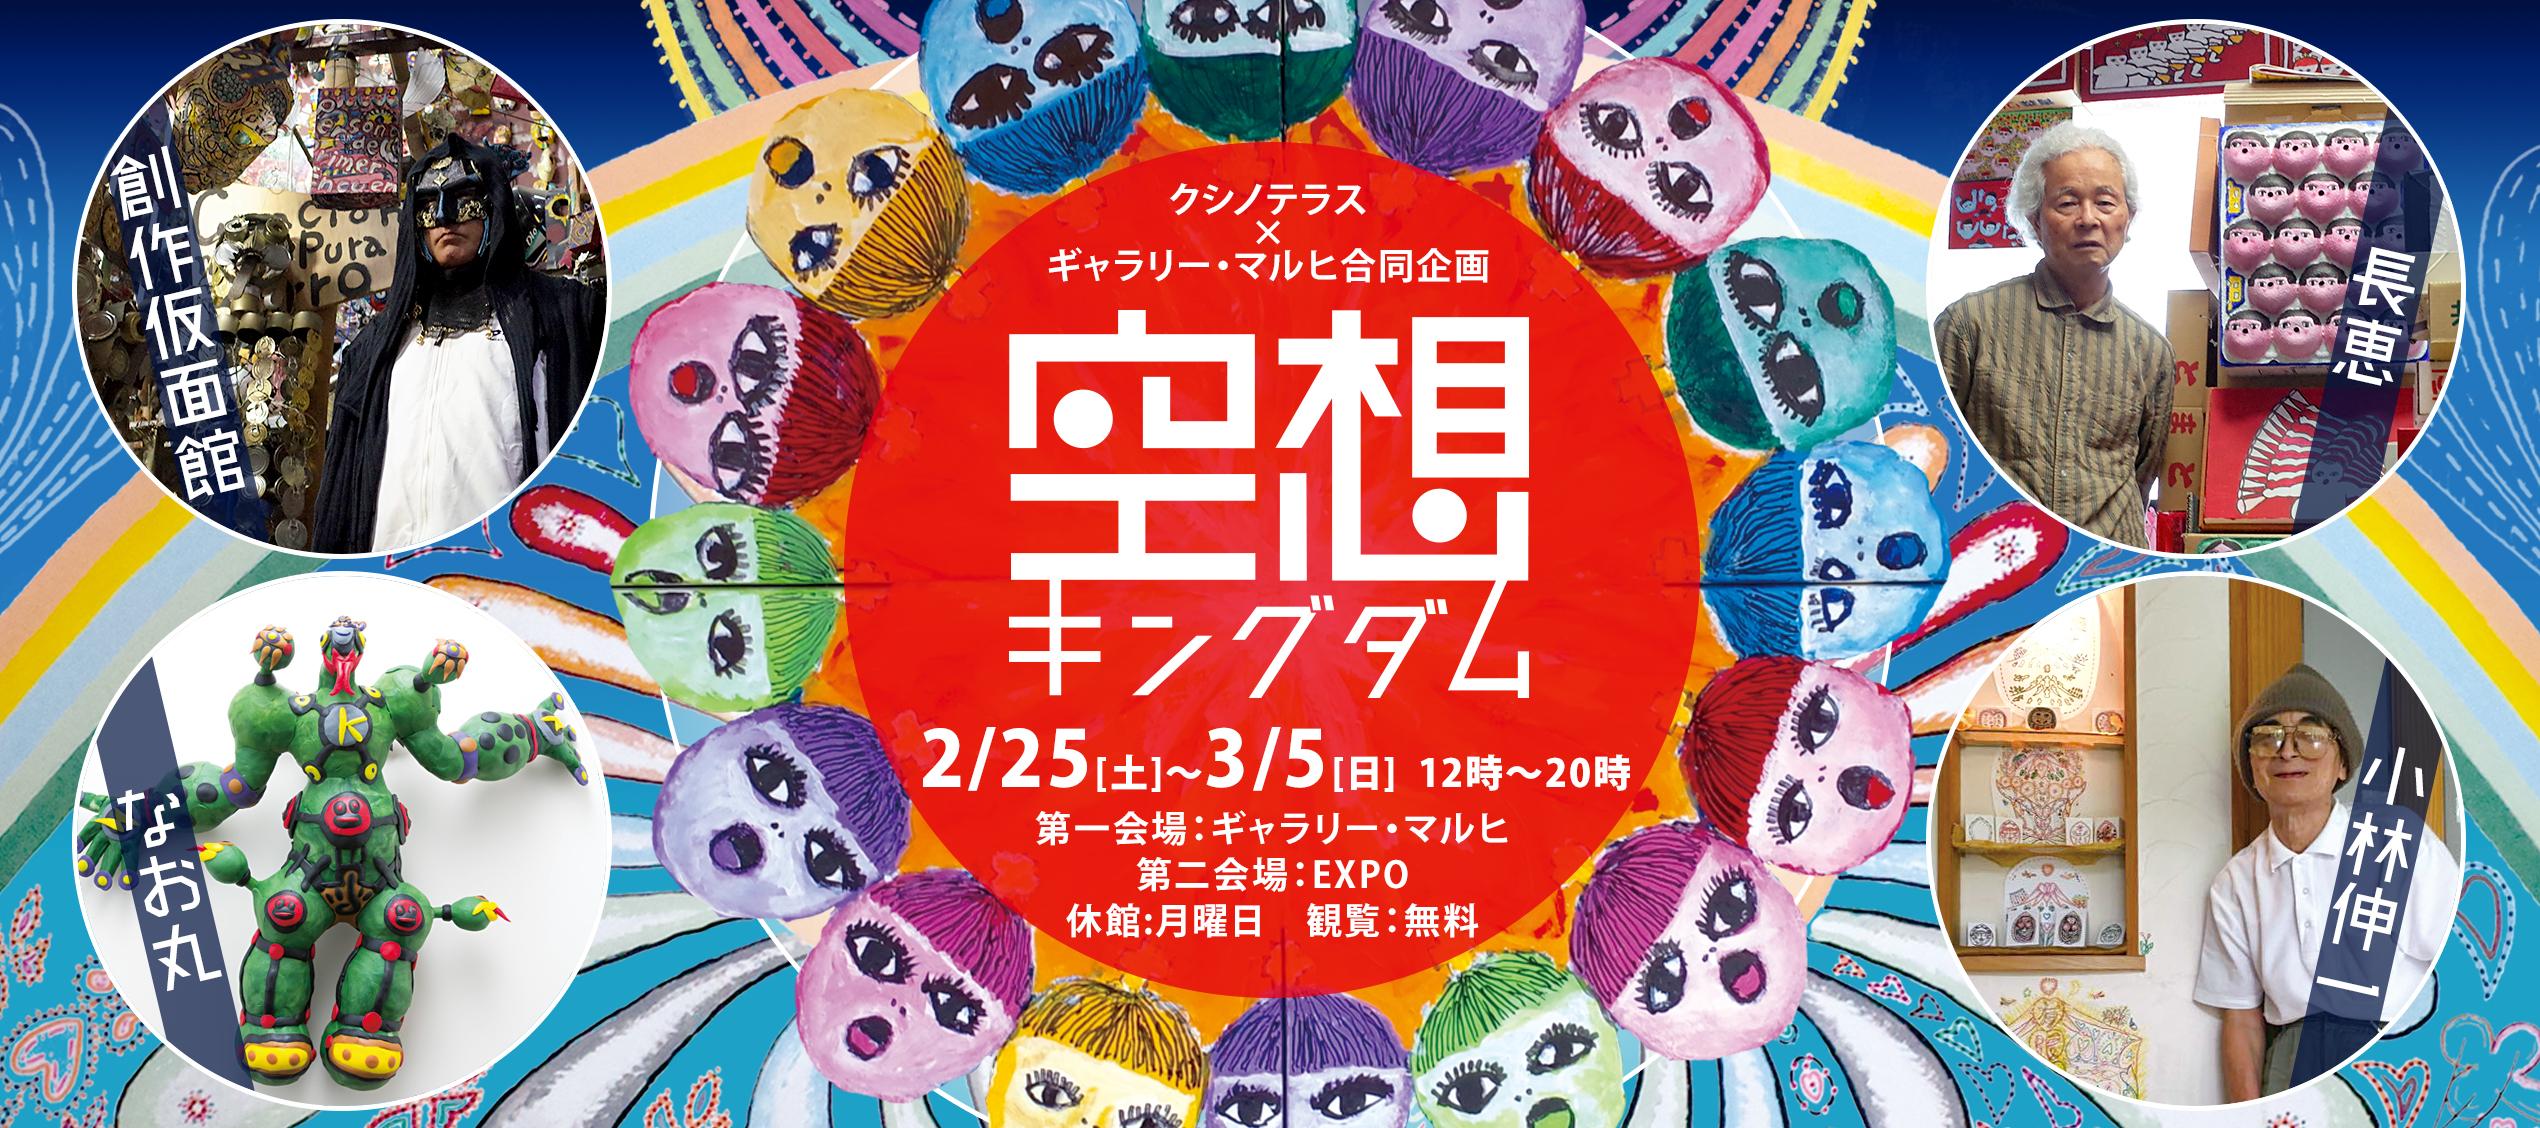 クシノテラス × ギャラリー・マルヒ合同企画「空想キングダム」